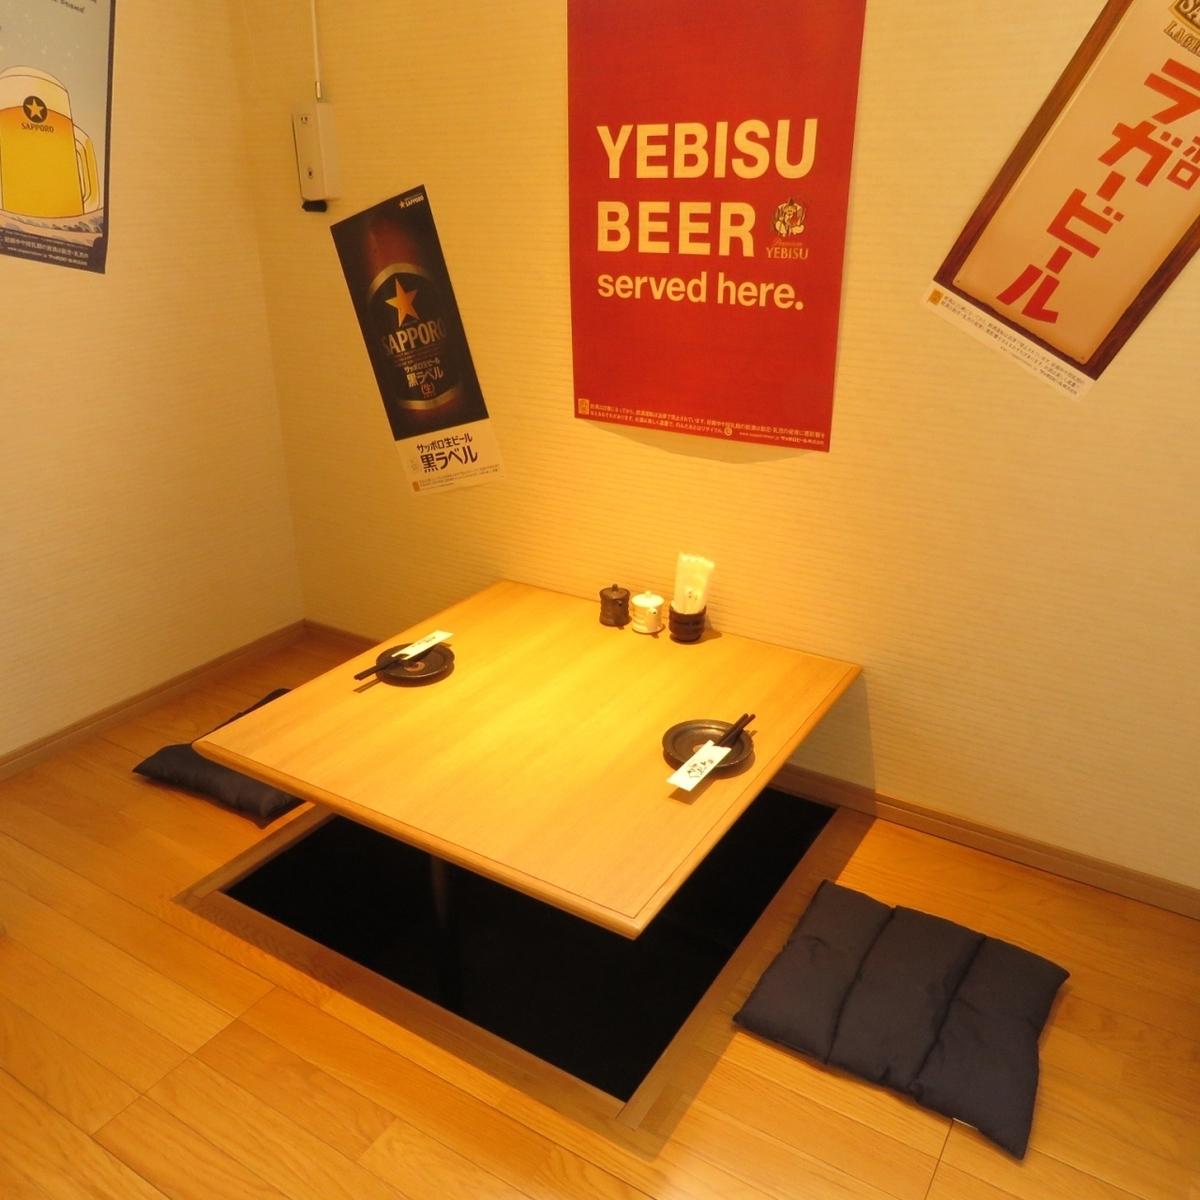 這個座位__可以喝酒和單獨喝酒◎請隨意!